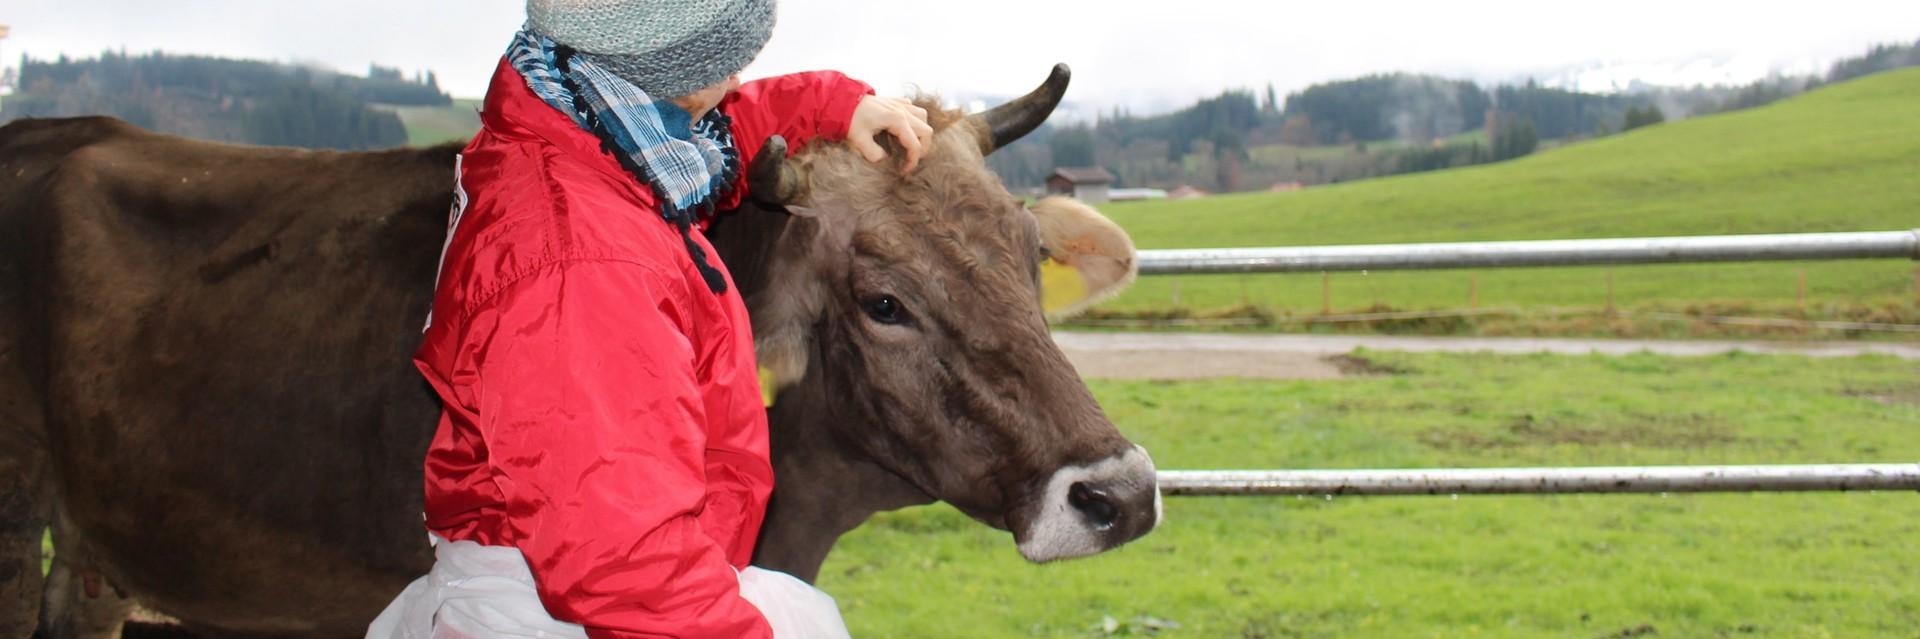 Mitarbeiterin von VIER PFOTEN kümmert sich liebevoll um eine Kuh